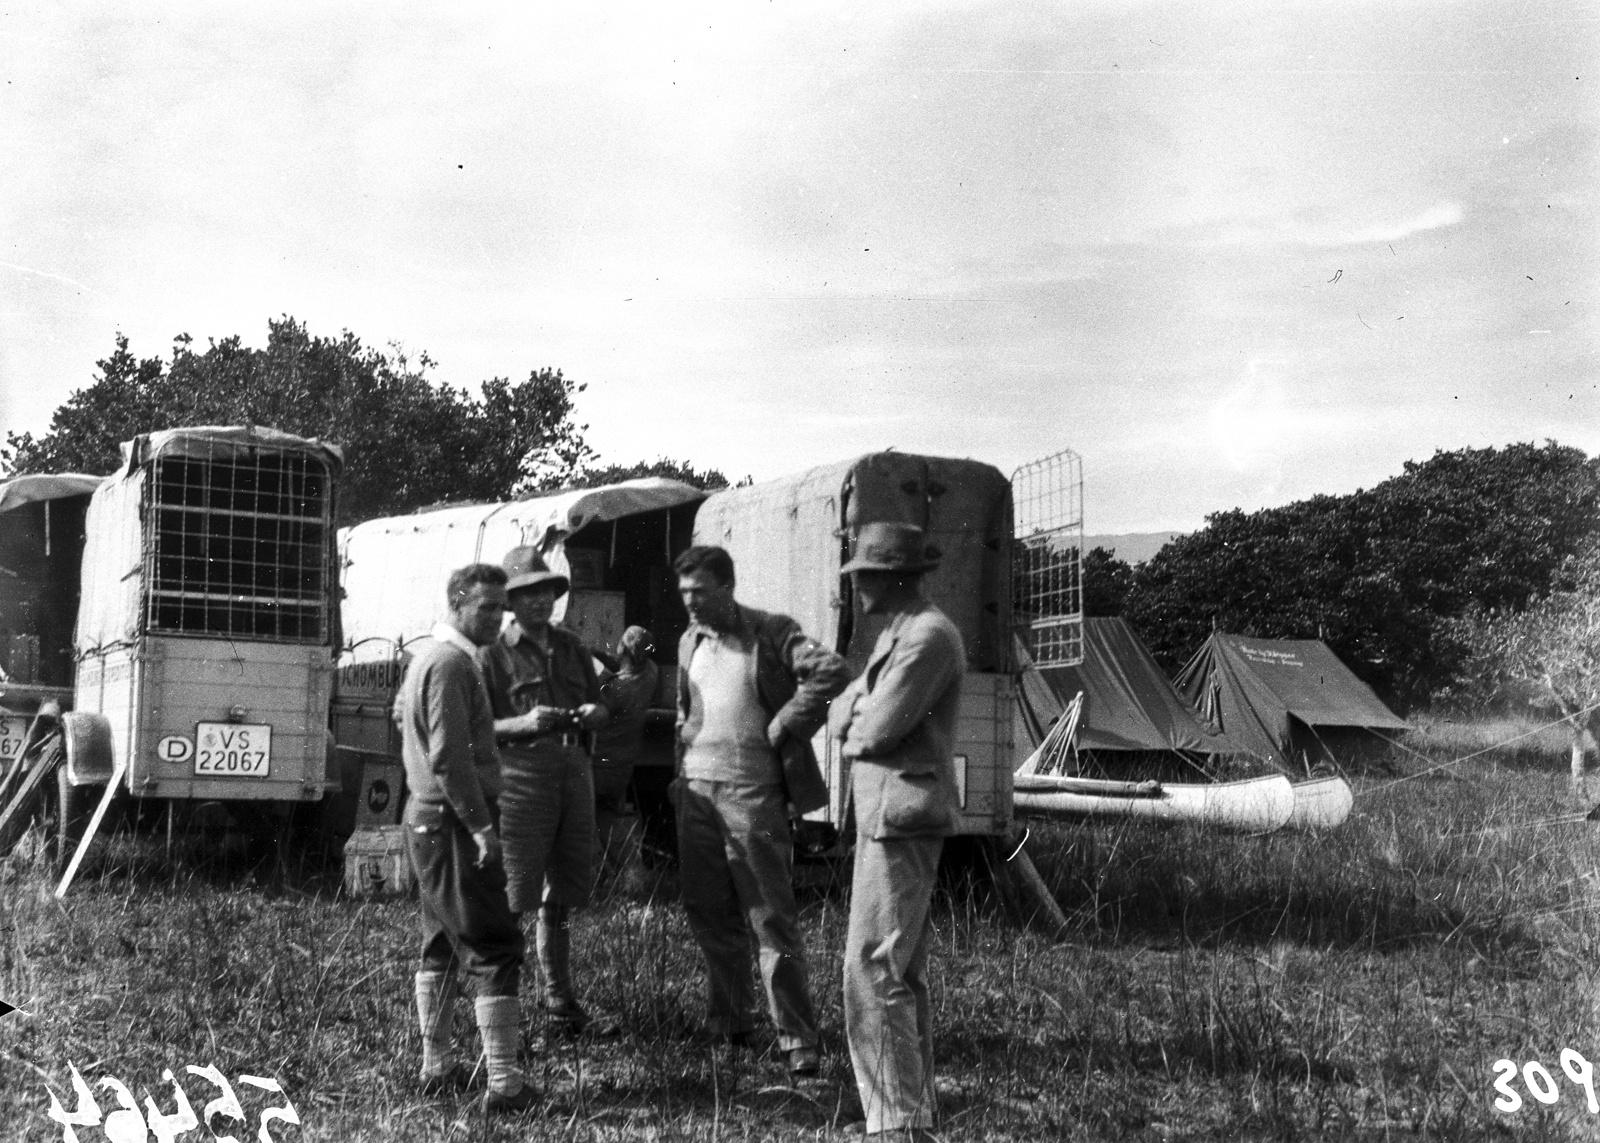 Южно-Африканский Союз. Квазулу-Наталь. Участники экспедиции в лагере